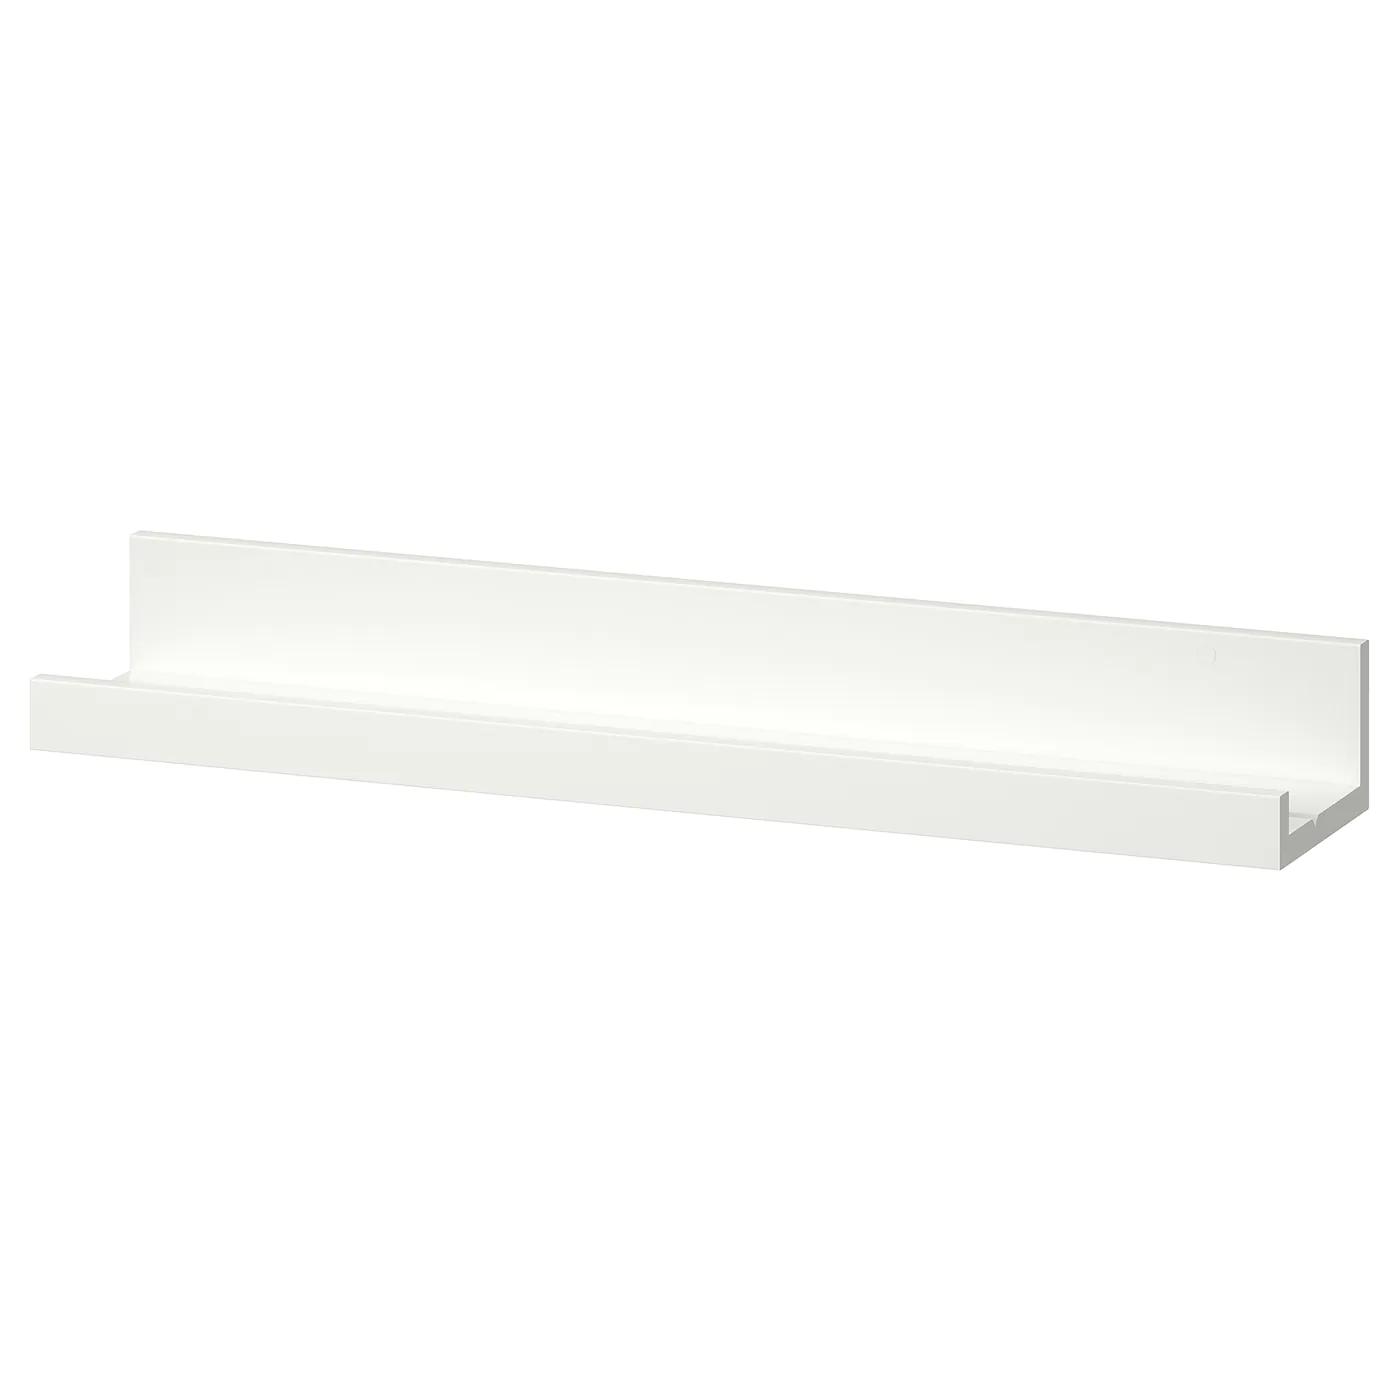 Estanten Mosslanda Ikea